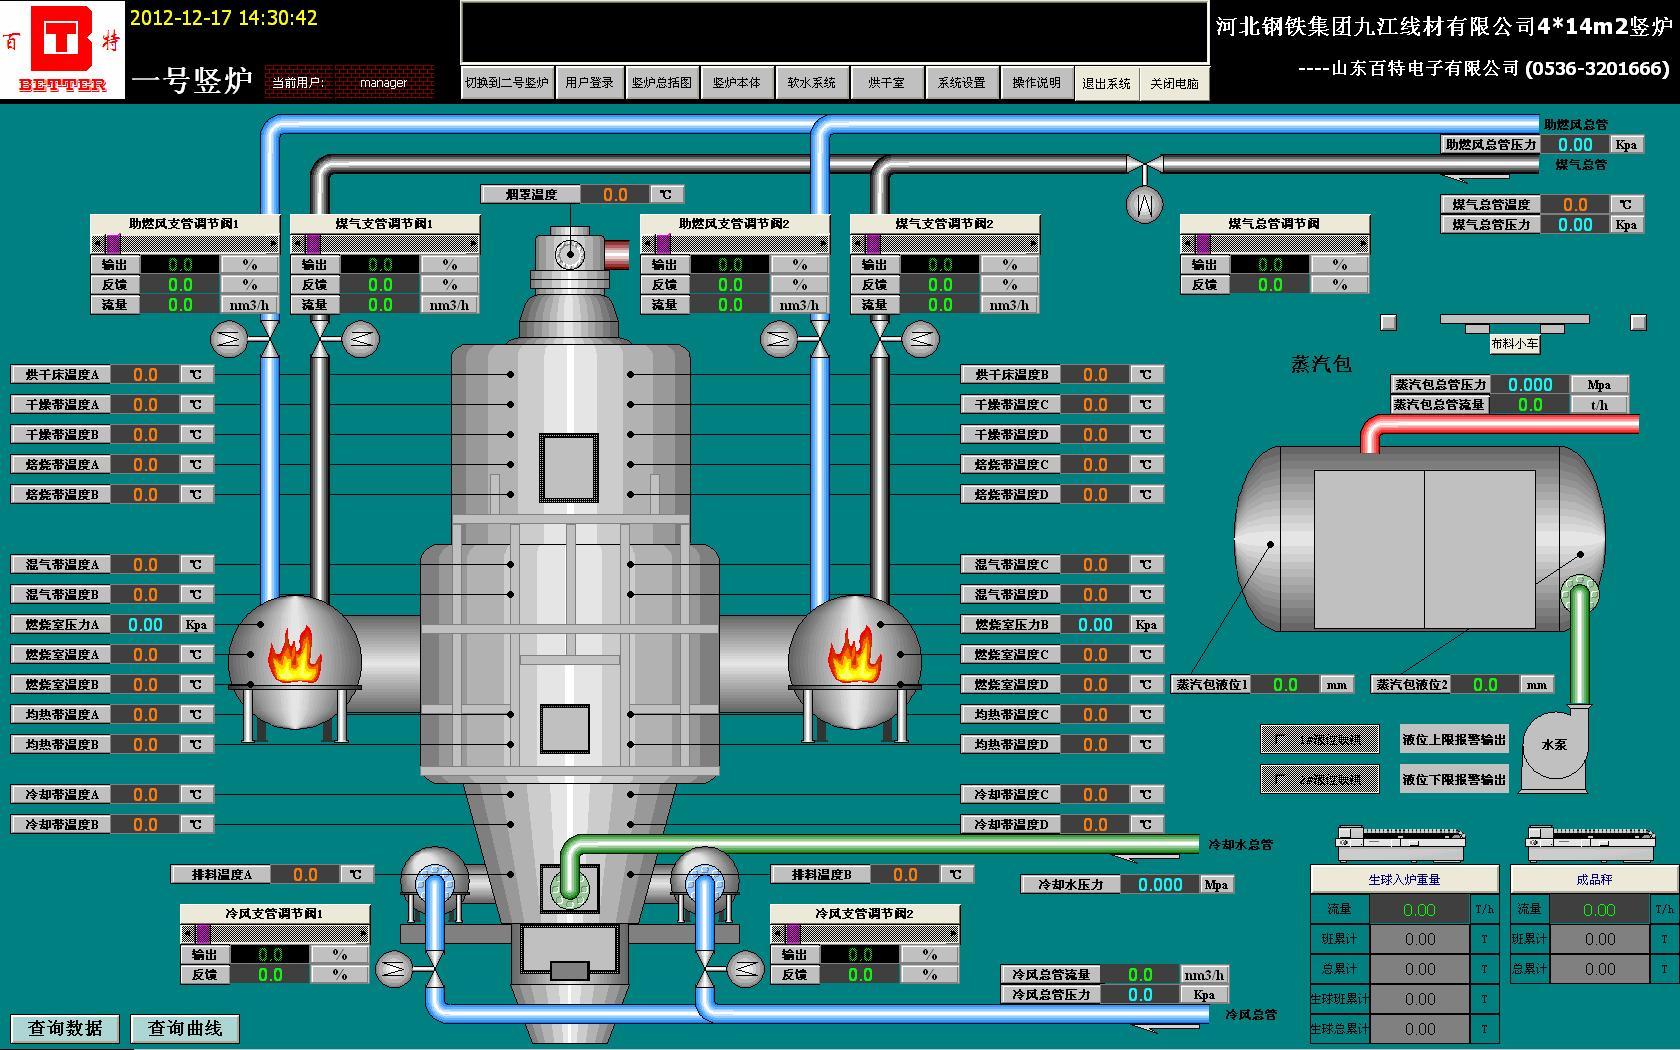 竖炉本体自动化系统